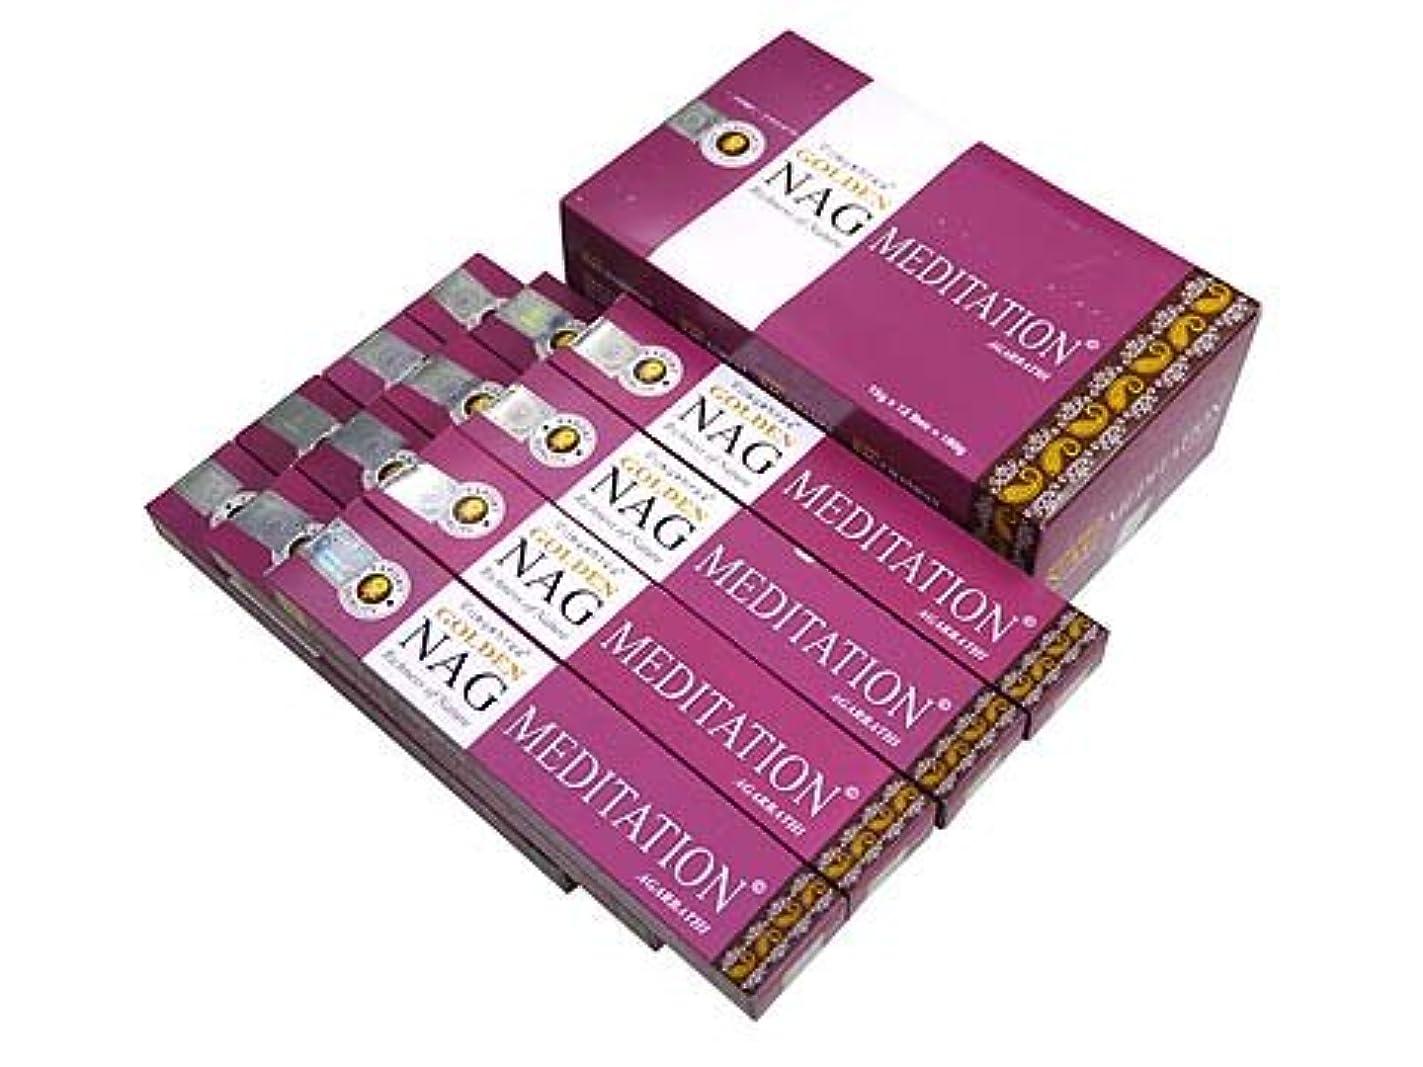 驚めんどり砂VIJAYSHRE(ヴィジェイシリー ゴールデン) NAG MEDITATION ゴールデン ナグメディテーション香 スティック 12箱セット